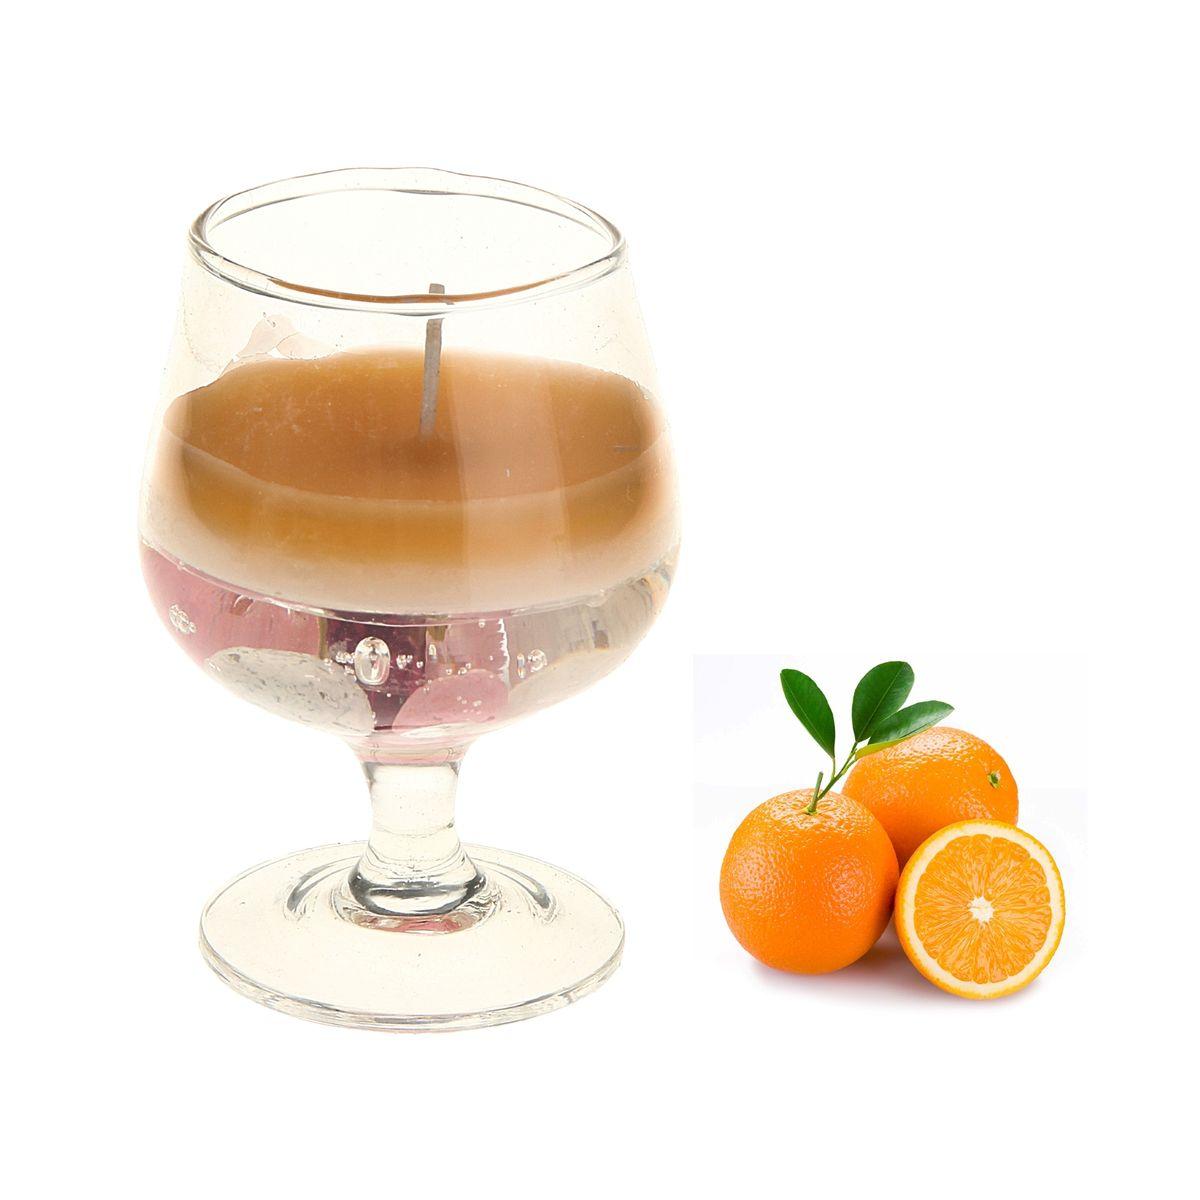 Свеча ароматизированная Sima-land Апельсин, высота 8 см907667Ароматизированная свеча Sima-land Апельсин изготовлена из воска и геля и поставляется в стеклянном бокале. Изделие отличается оригинальным дизайном и приятным ароматом. Такая свеча может стать отличным подарком или дополнить интерьер вашей комнаты.Диаметр по верхнему краю: 4,5 см.